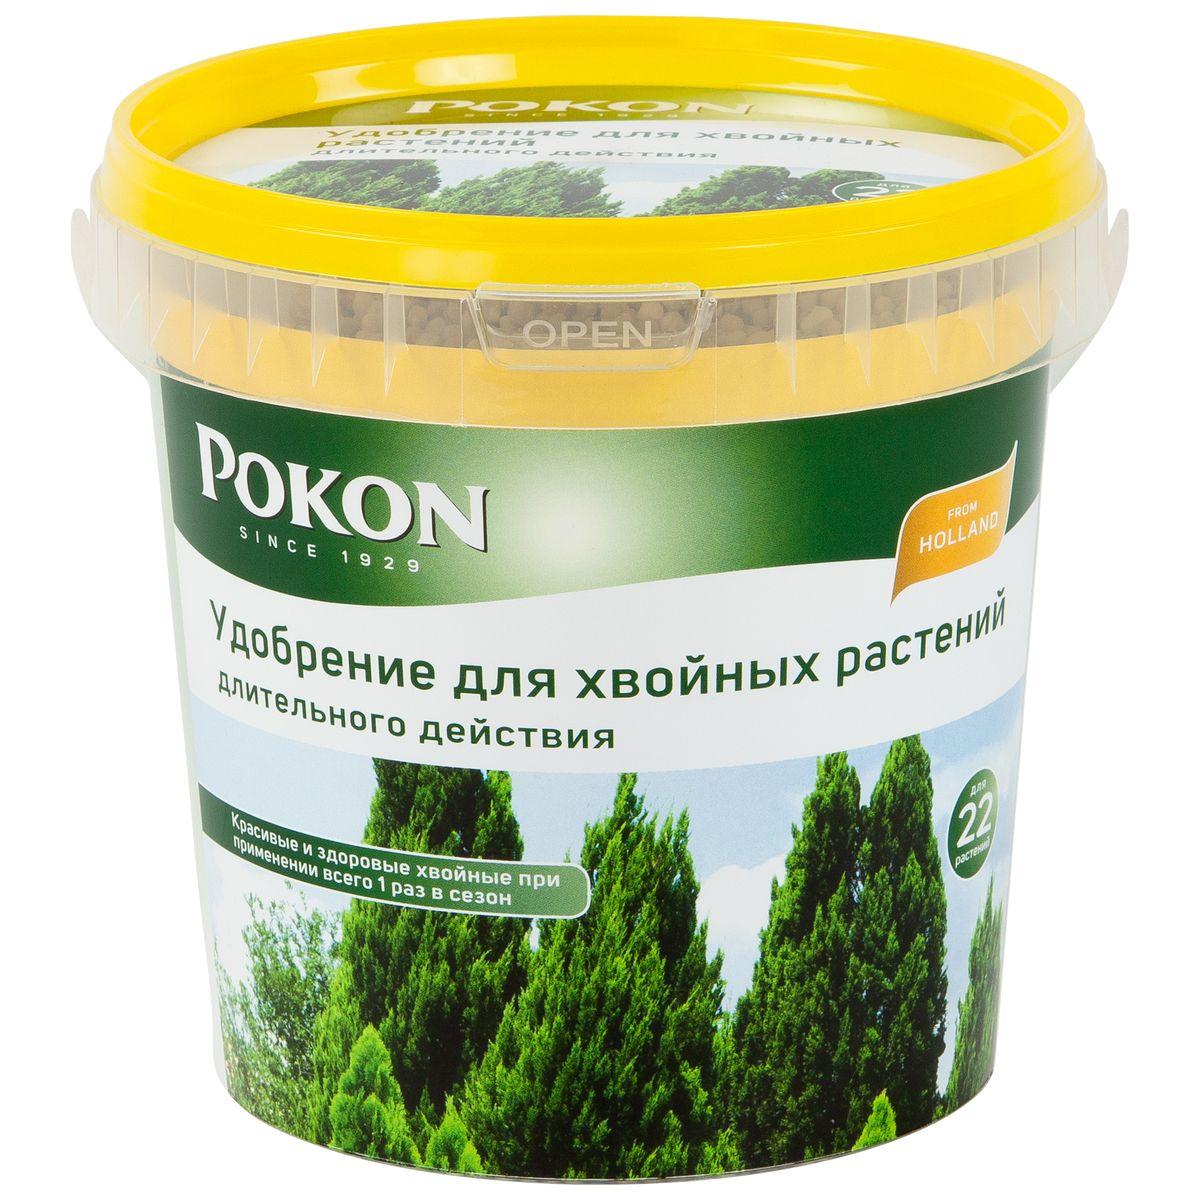 Удобрение Pokon для хвойных длительного действия, 900 г8711969016095Удобрение Pokon для хвойников длительного действия: NPK 18 + 6 + 21 с добавкой 2 MgO + 12 SO3 + 1 Fe. В удобрении Pokon длительного действия содержится все необходимое для хвойных на целое лето. Достаточно внести это удобрение один раз, и затем питательные вещества будут постепенно высвобождаться и проникать в растения в течение сезона под воздействием дождей и солнца. Магниевая добавка придает хвое насыщенную зеленую окраску. Инструкция по применению: - Вносите удобрение 1 раз в год, желательно весной или при посадке растений. - Отмерьте нужное количество гранул (1 мерная ложечка на 1 растение или 1,5 мерной ложечки на 1 кв. м). - Равномерно насыпьте гранулы вокруг ствола. - Смешайте гранулы с верхним слоем грунта. - Полейте грунт, и удобрение немедленно начнет действовать. - Не используйте при температуре выше +25 градусов и под прямыми солнечными лучами. Состав: 18% — общее содержание азота (N); 4,6% — нитратный азот; ...